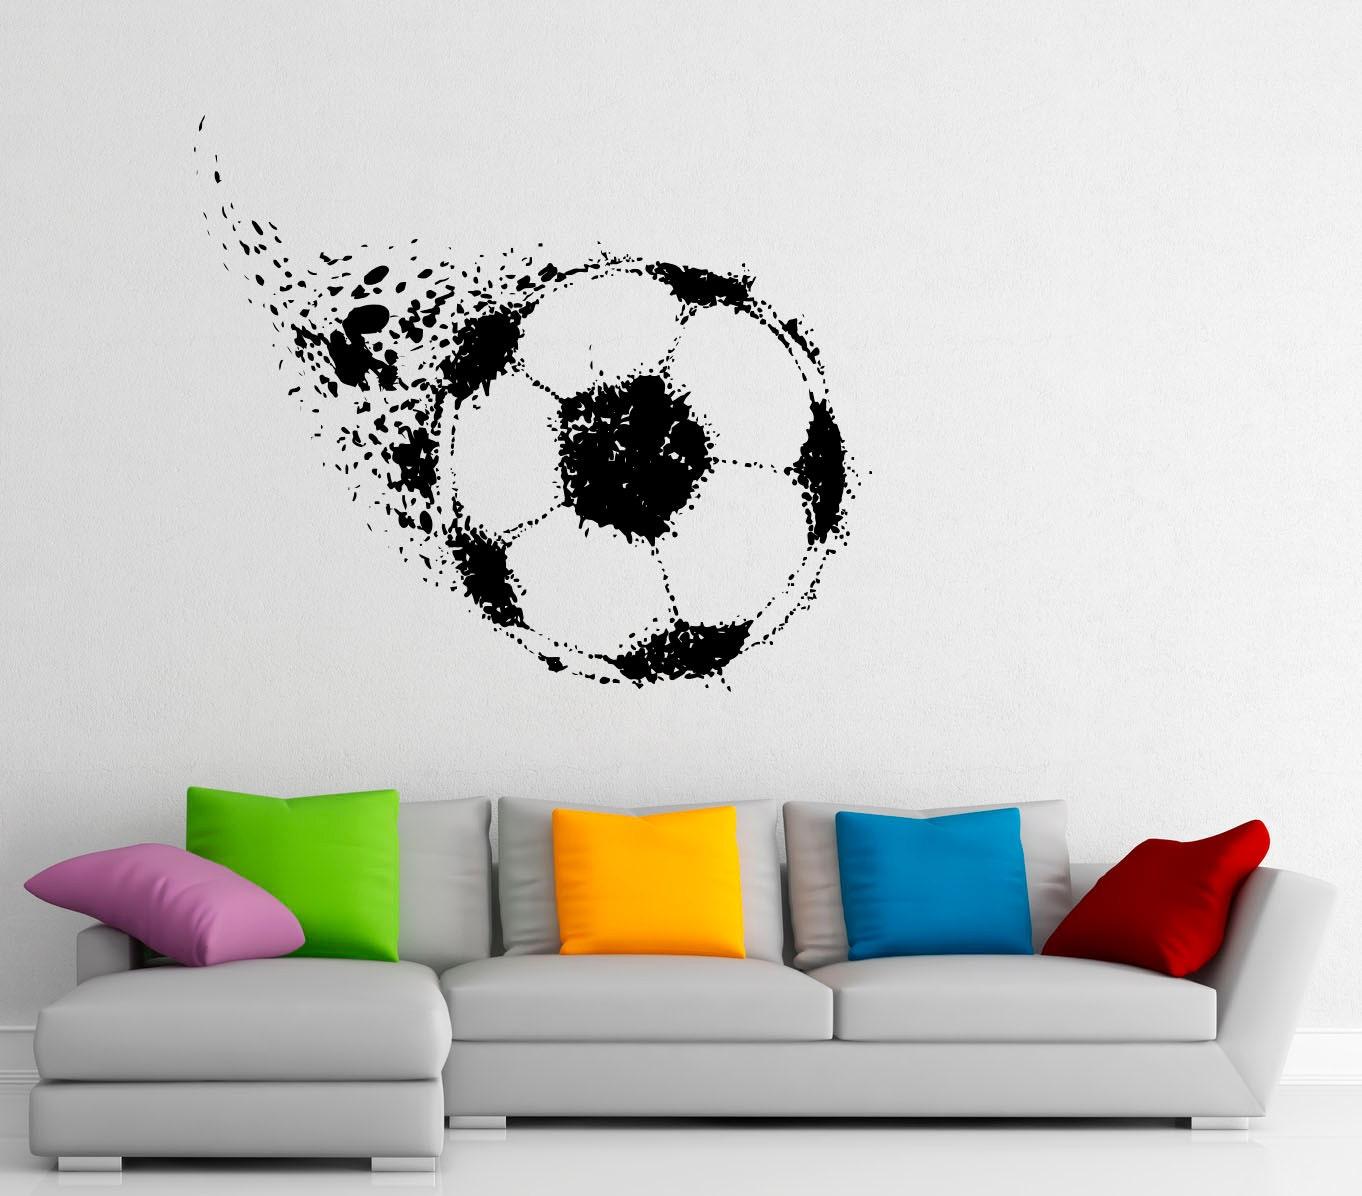 Futbol bola pared calcomanía fútbol vinilo pegatinas deporte   Etsy